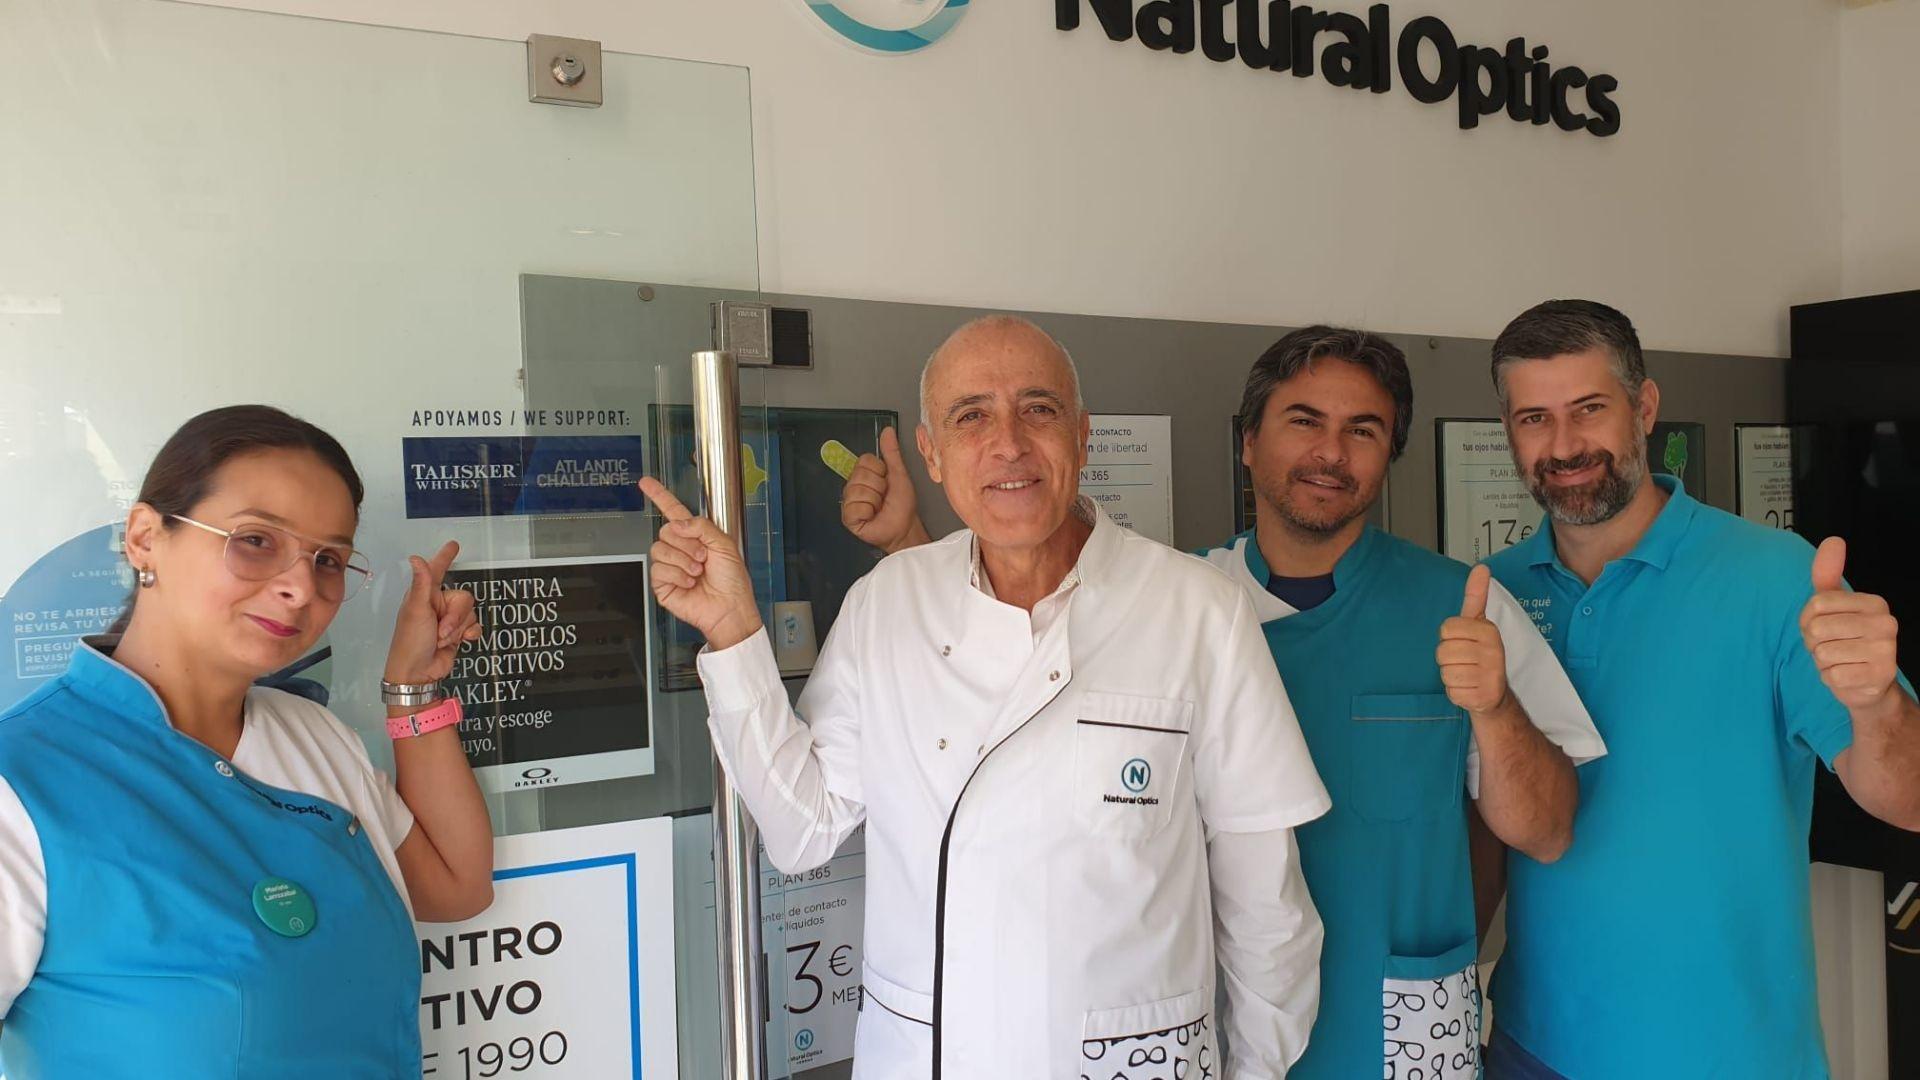 Servicio de oftalmología en Santa Cruz de Tenerife